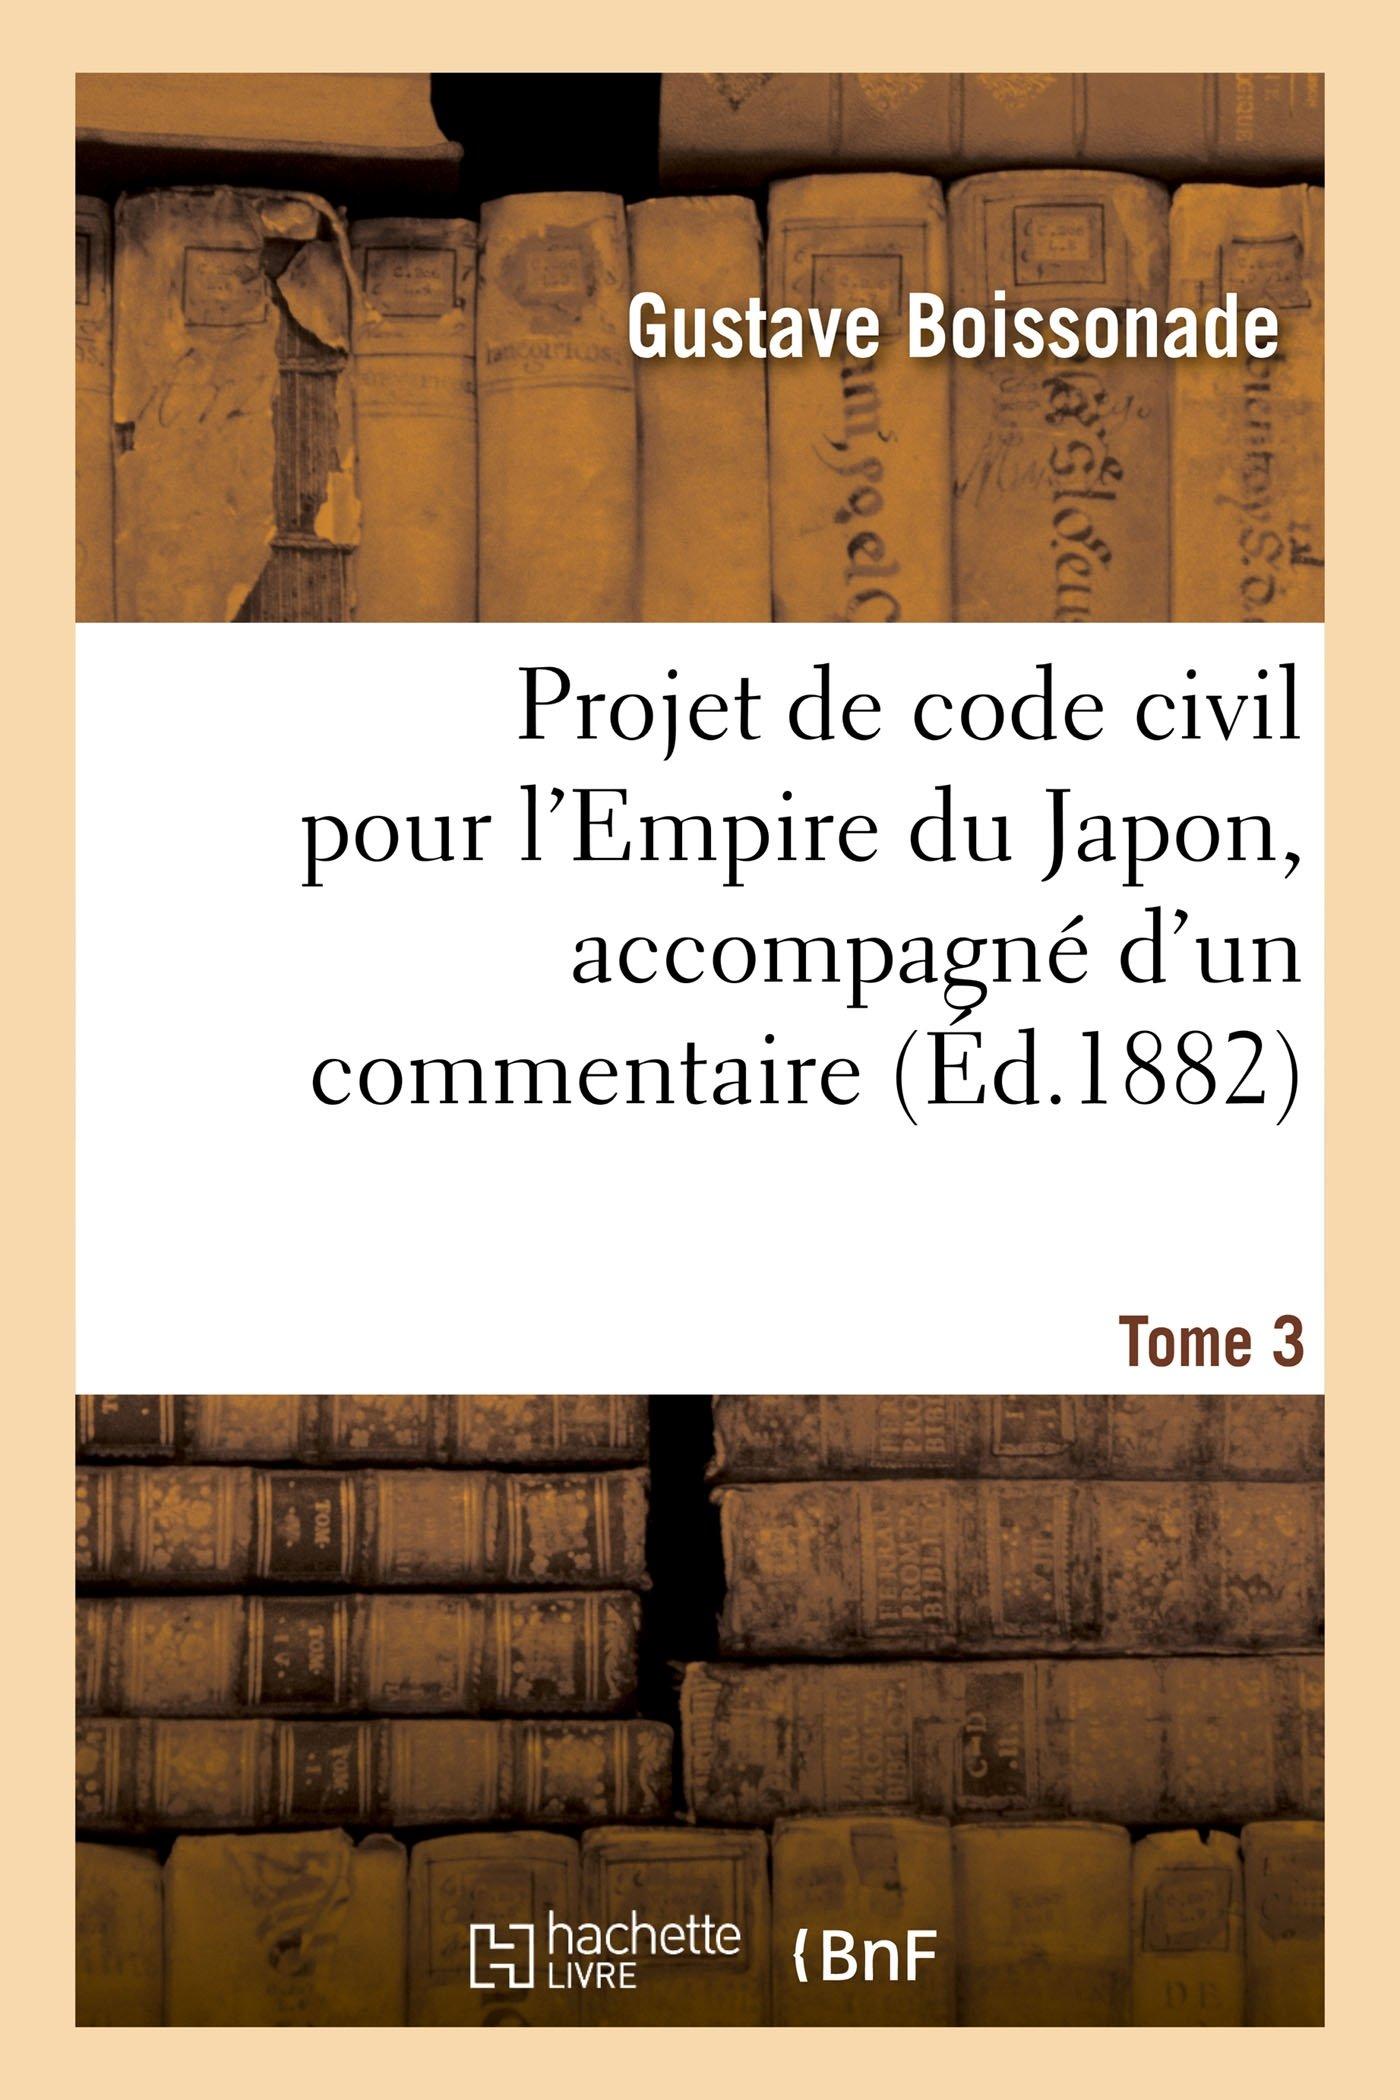 Projet de code civil pour l'Empire du Japon, accompagné d'un commentaire. Tome 3 Broché – 1 septembre 2016 Gustave Boissonade Hachette Livre BNF 2013744579 Droit général